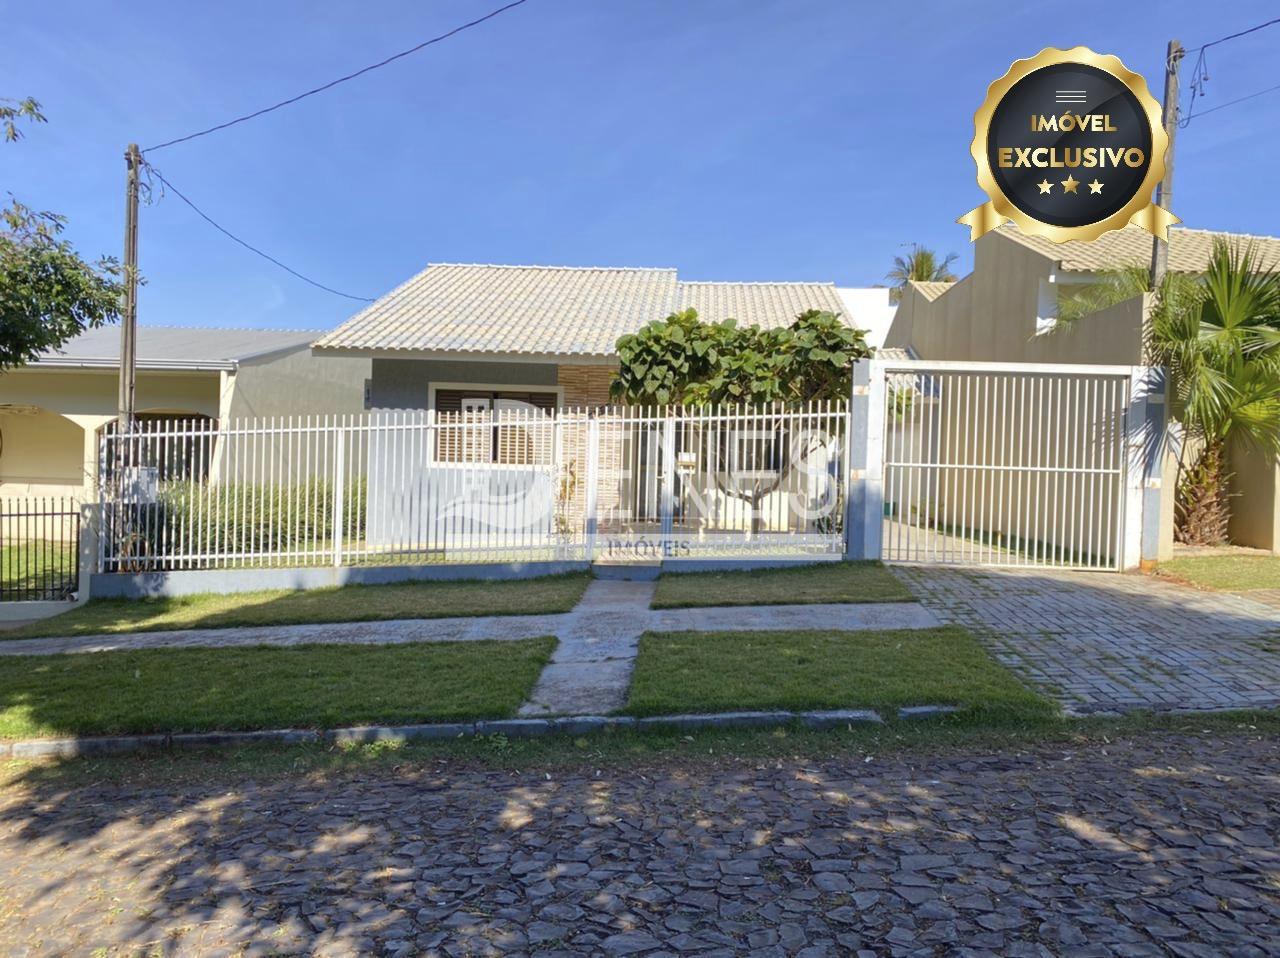 Casa com 3 dormitórios à venda, Cidade Alta, MEDIANEIRA - PR